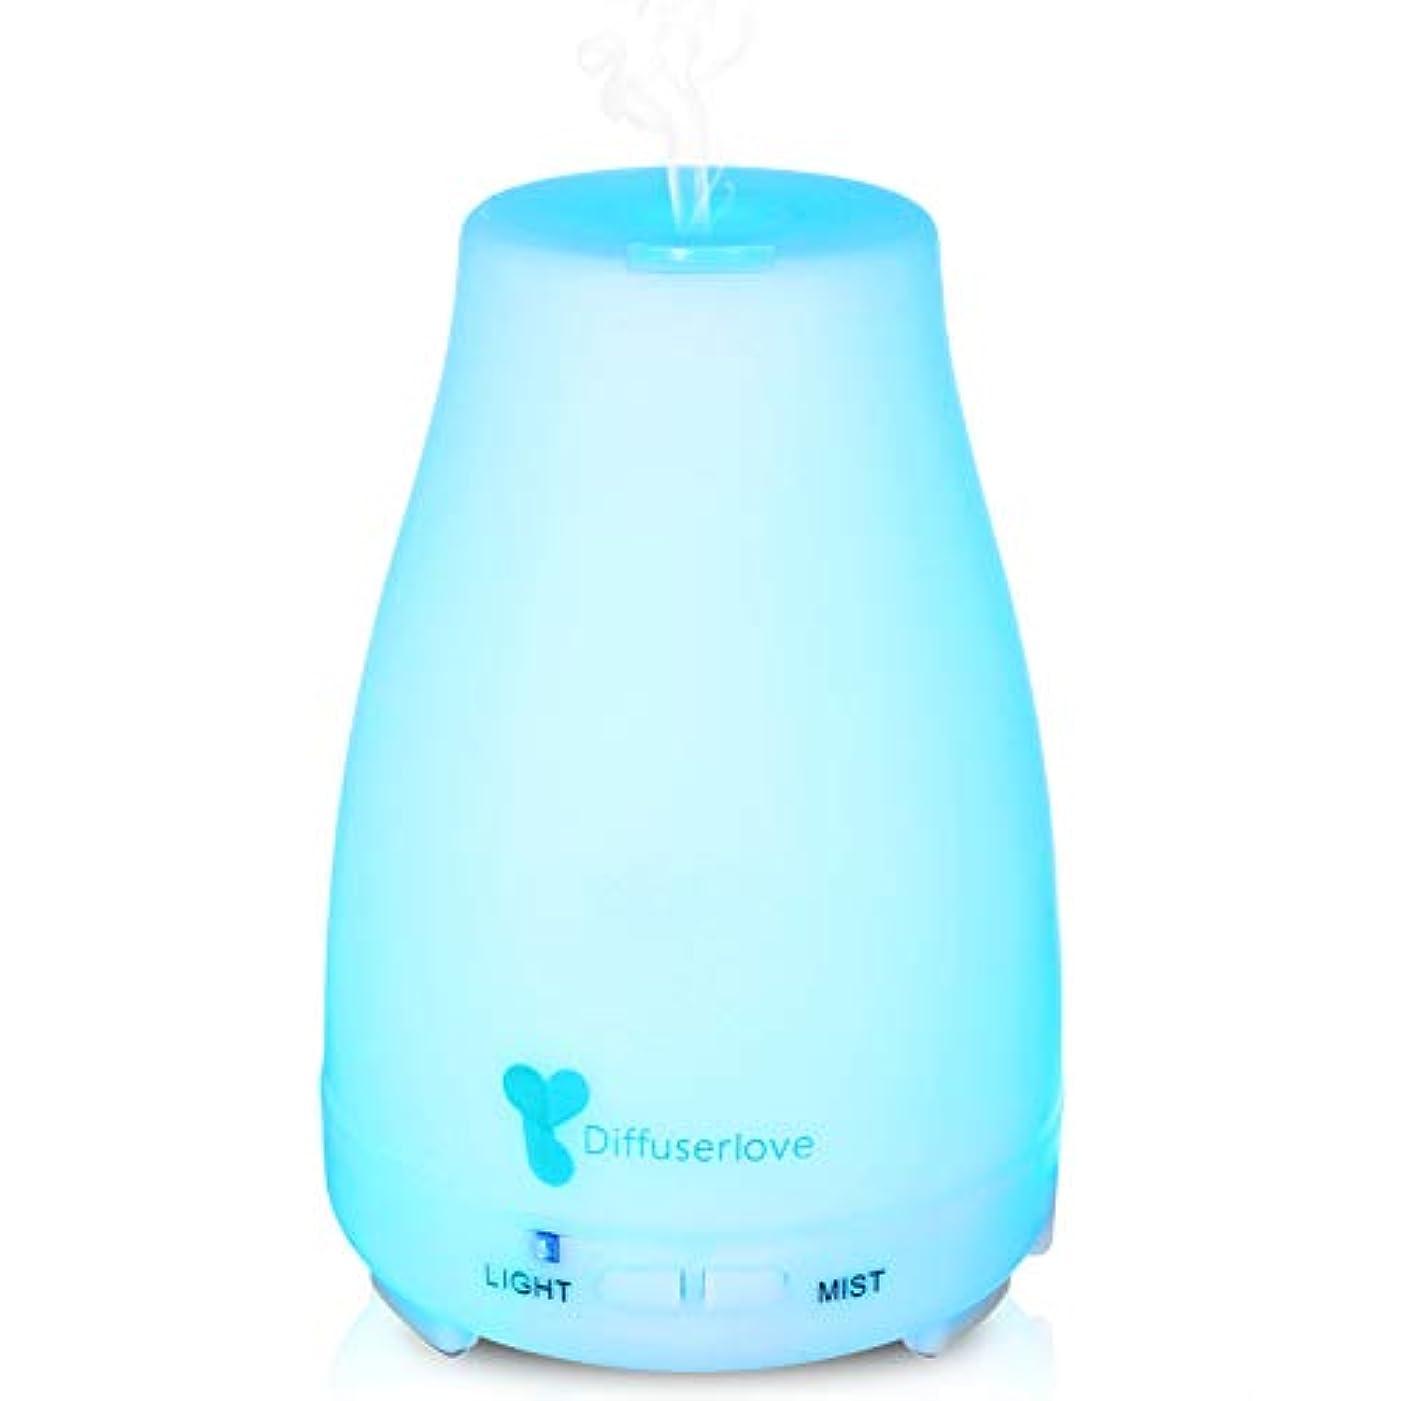 diffuserlove Max 220 mlエッセンシャルオイルアロマセラピーディフューザー超音波リモートコントロールミスト加湿器7色LEDライト、Waterless自動遮断の寝室オフィス家キッチンヨガ